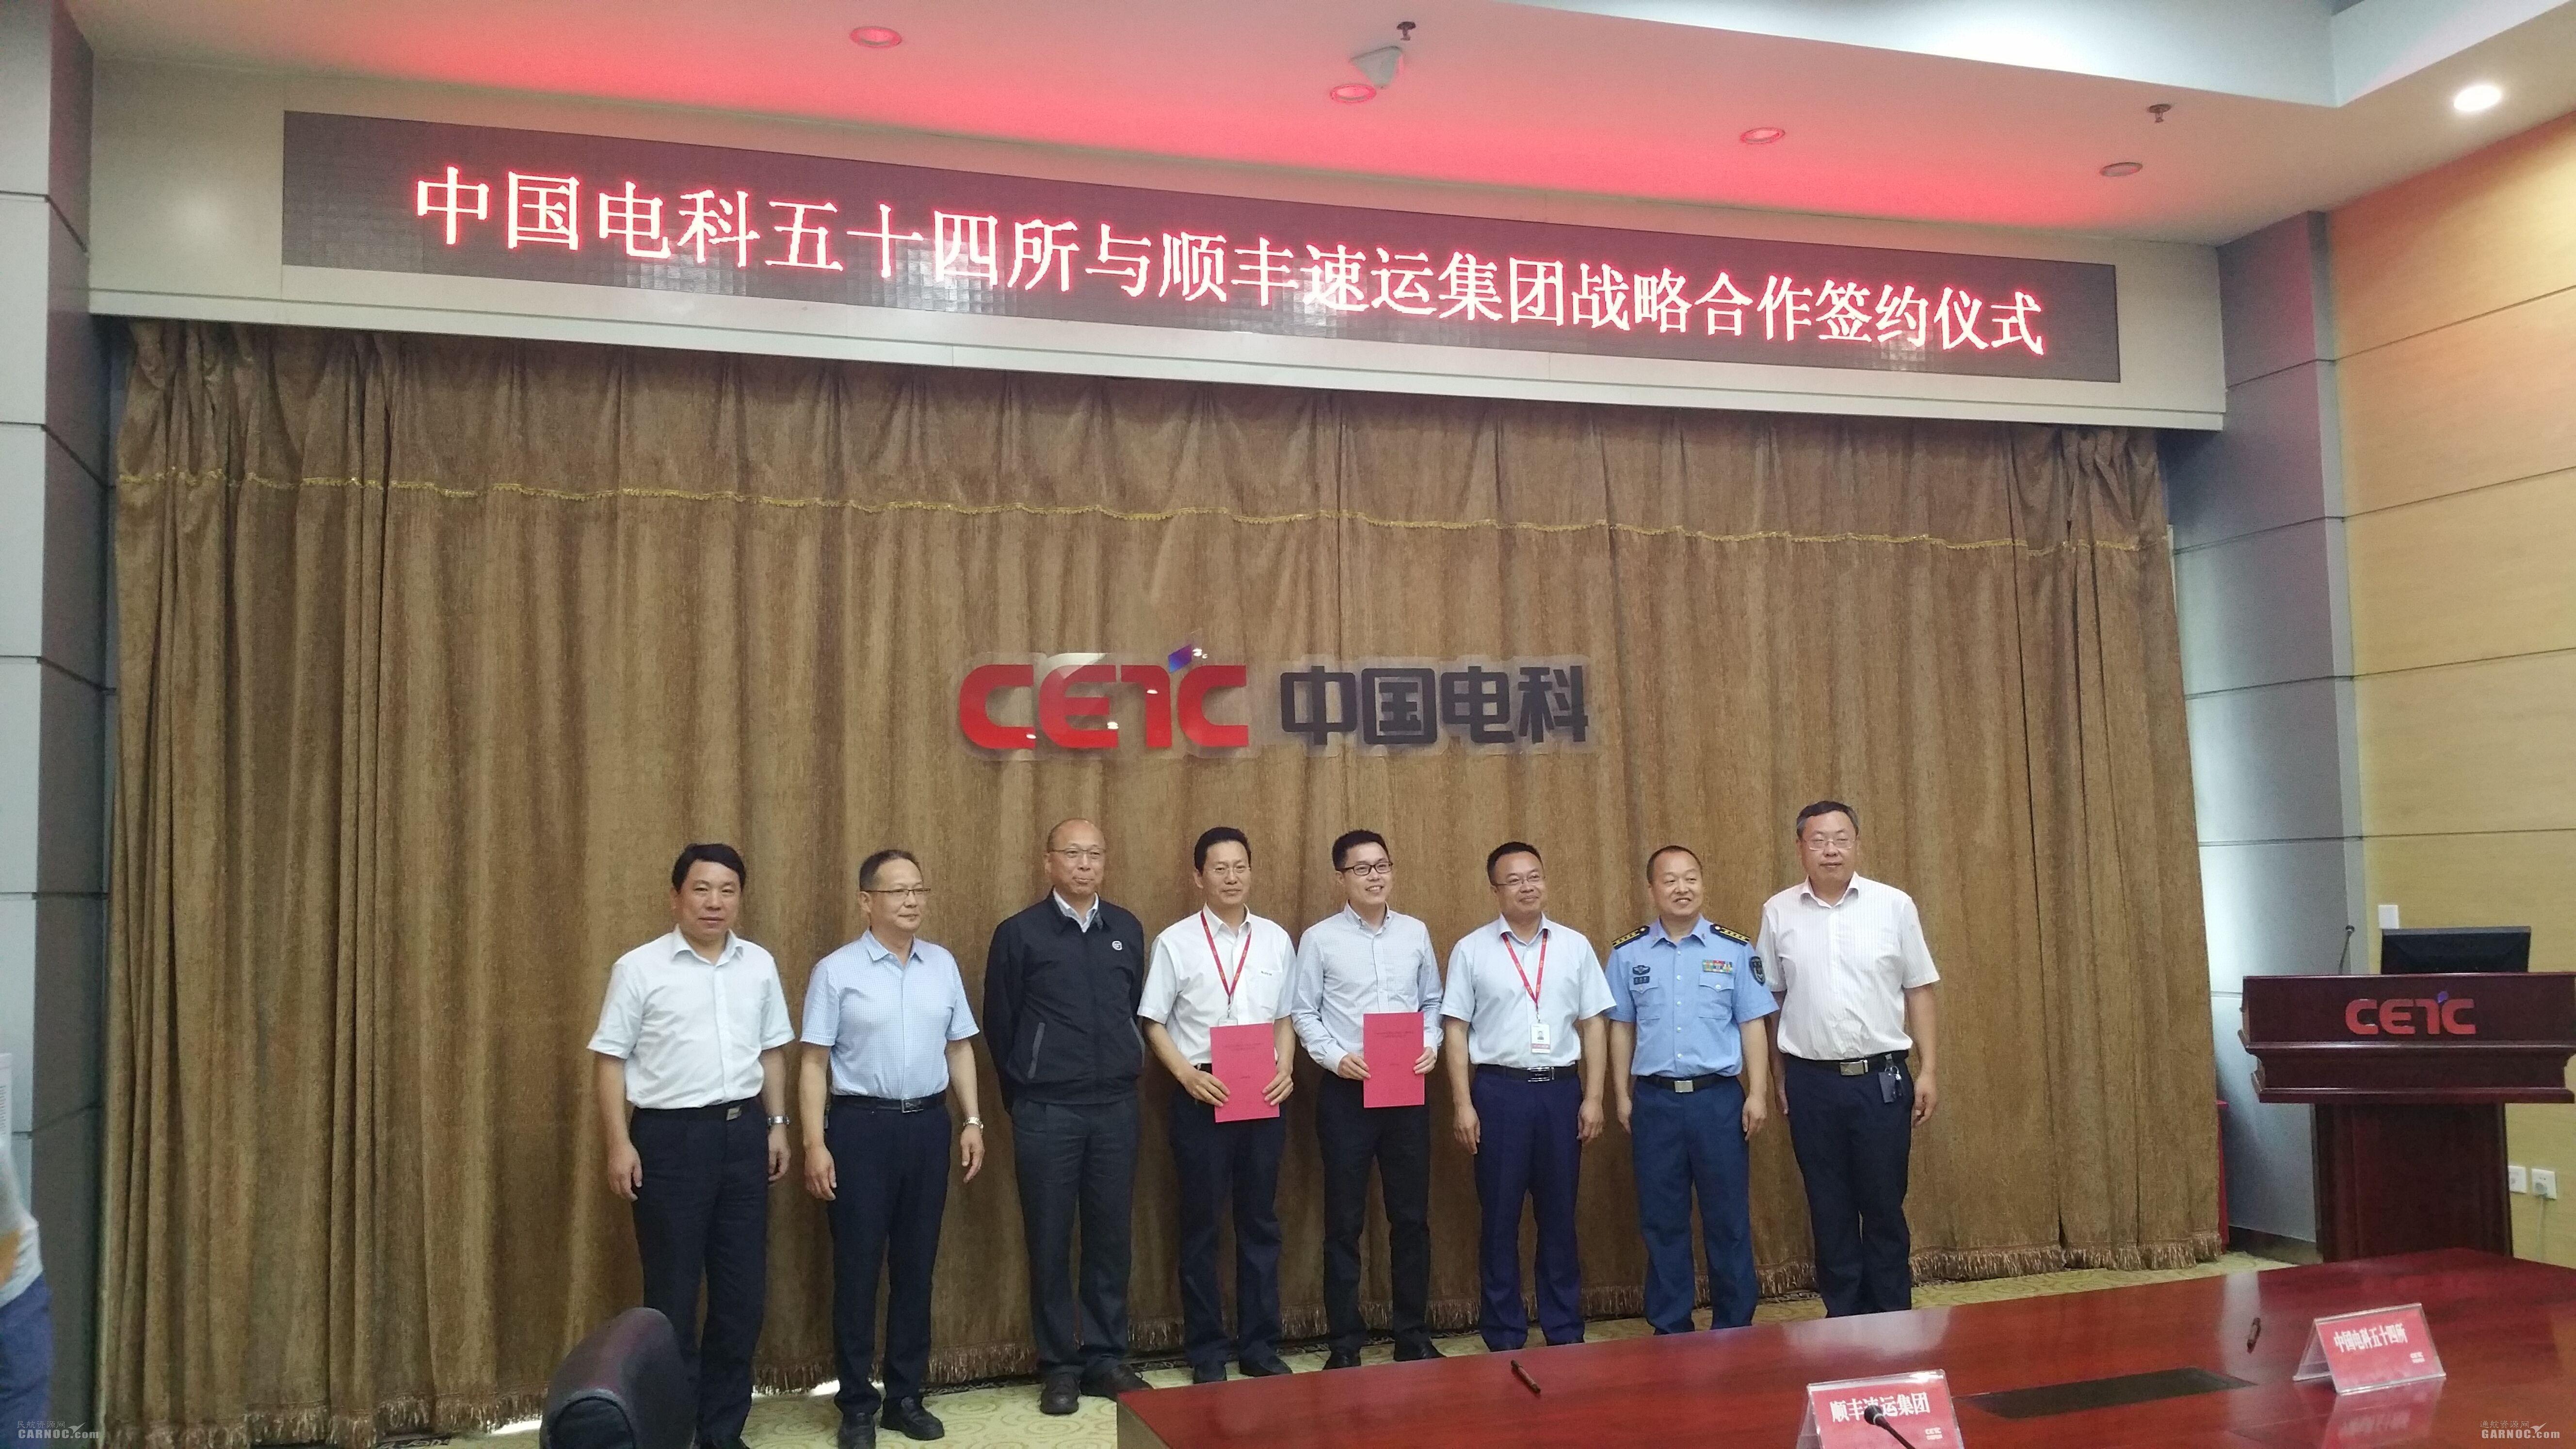 顺丰无人机与中国电科54所签署战略合作协议